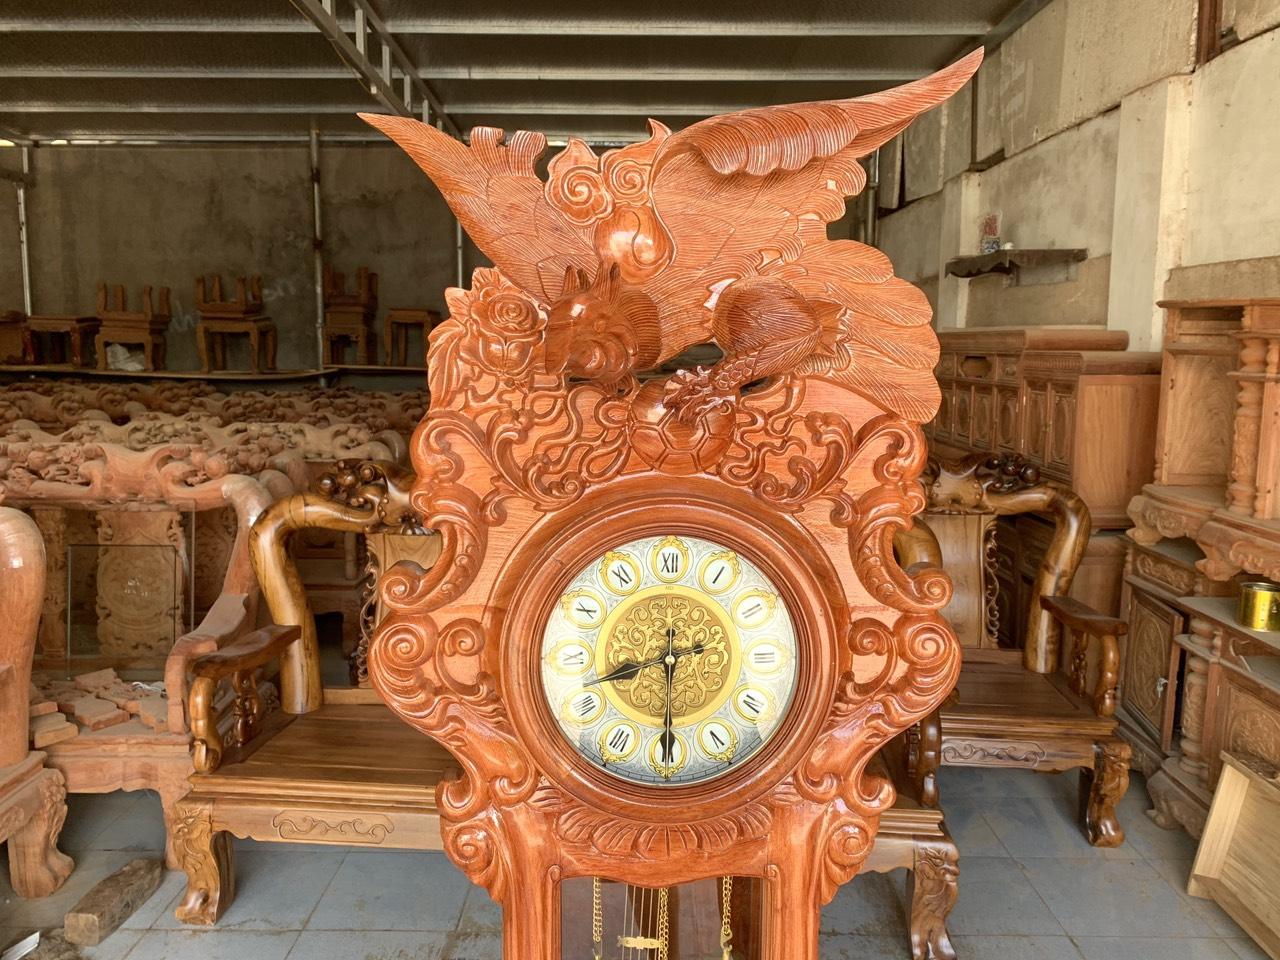 dong ho cay dai bang - Đồng hồ cây gỗ hương đá mẫu Đại Bàng vờn cầu